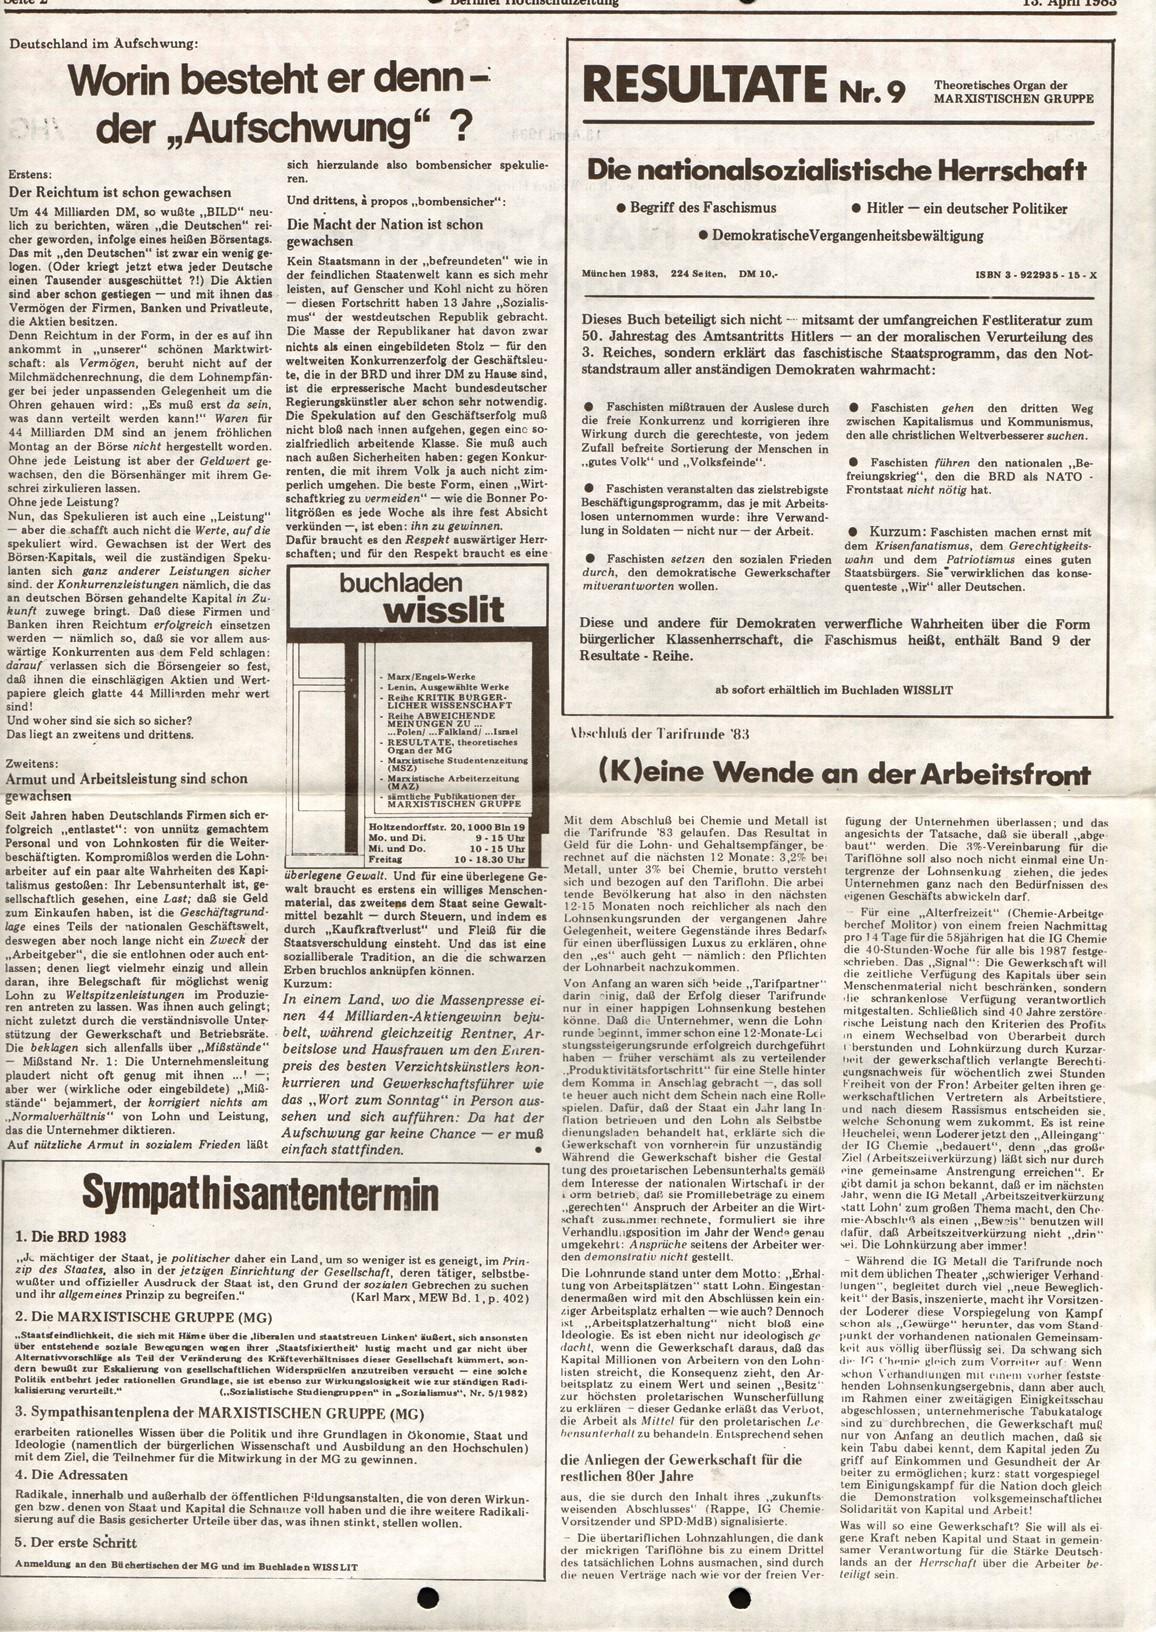 Berlin_MG_Hochschulzeitung_19830413_02